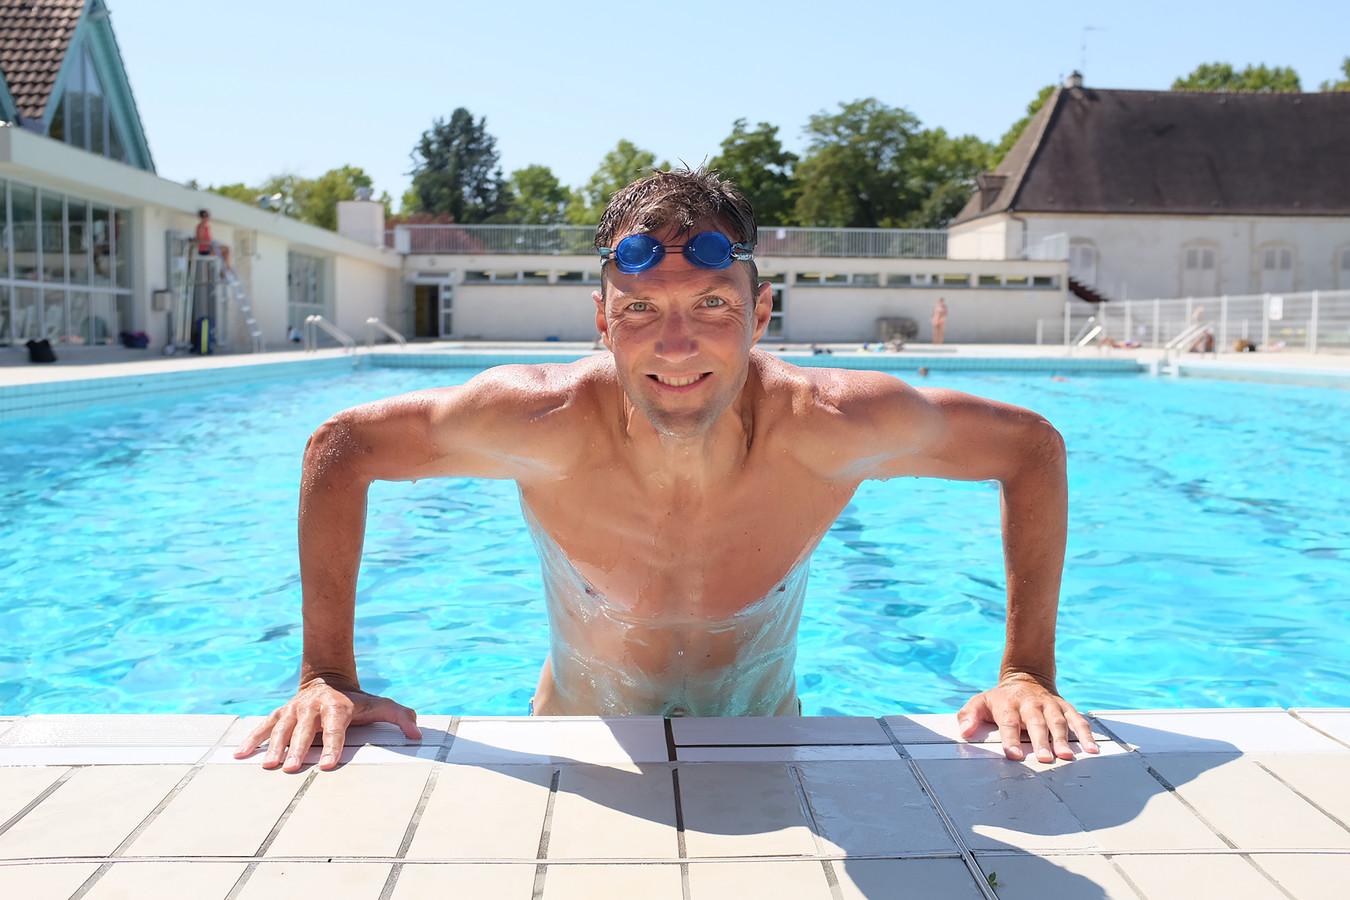 Sjoerd Veltman is klaar voor de triatlon van Veenendaal.